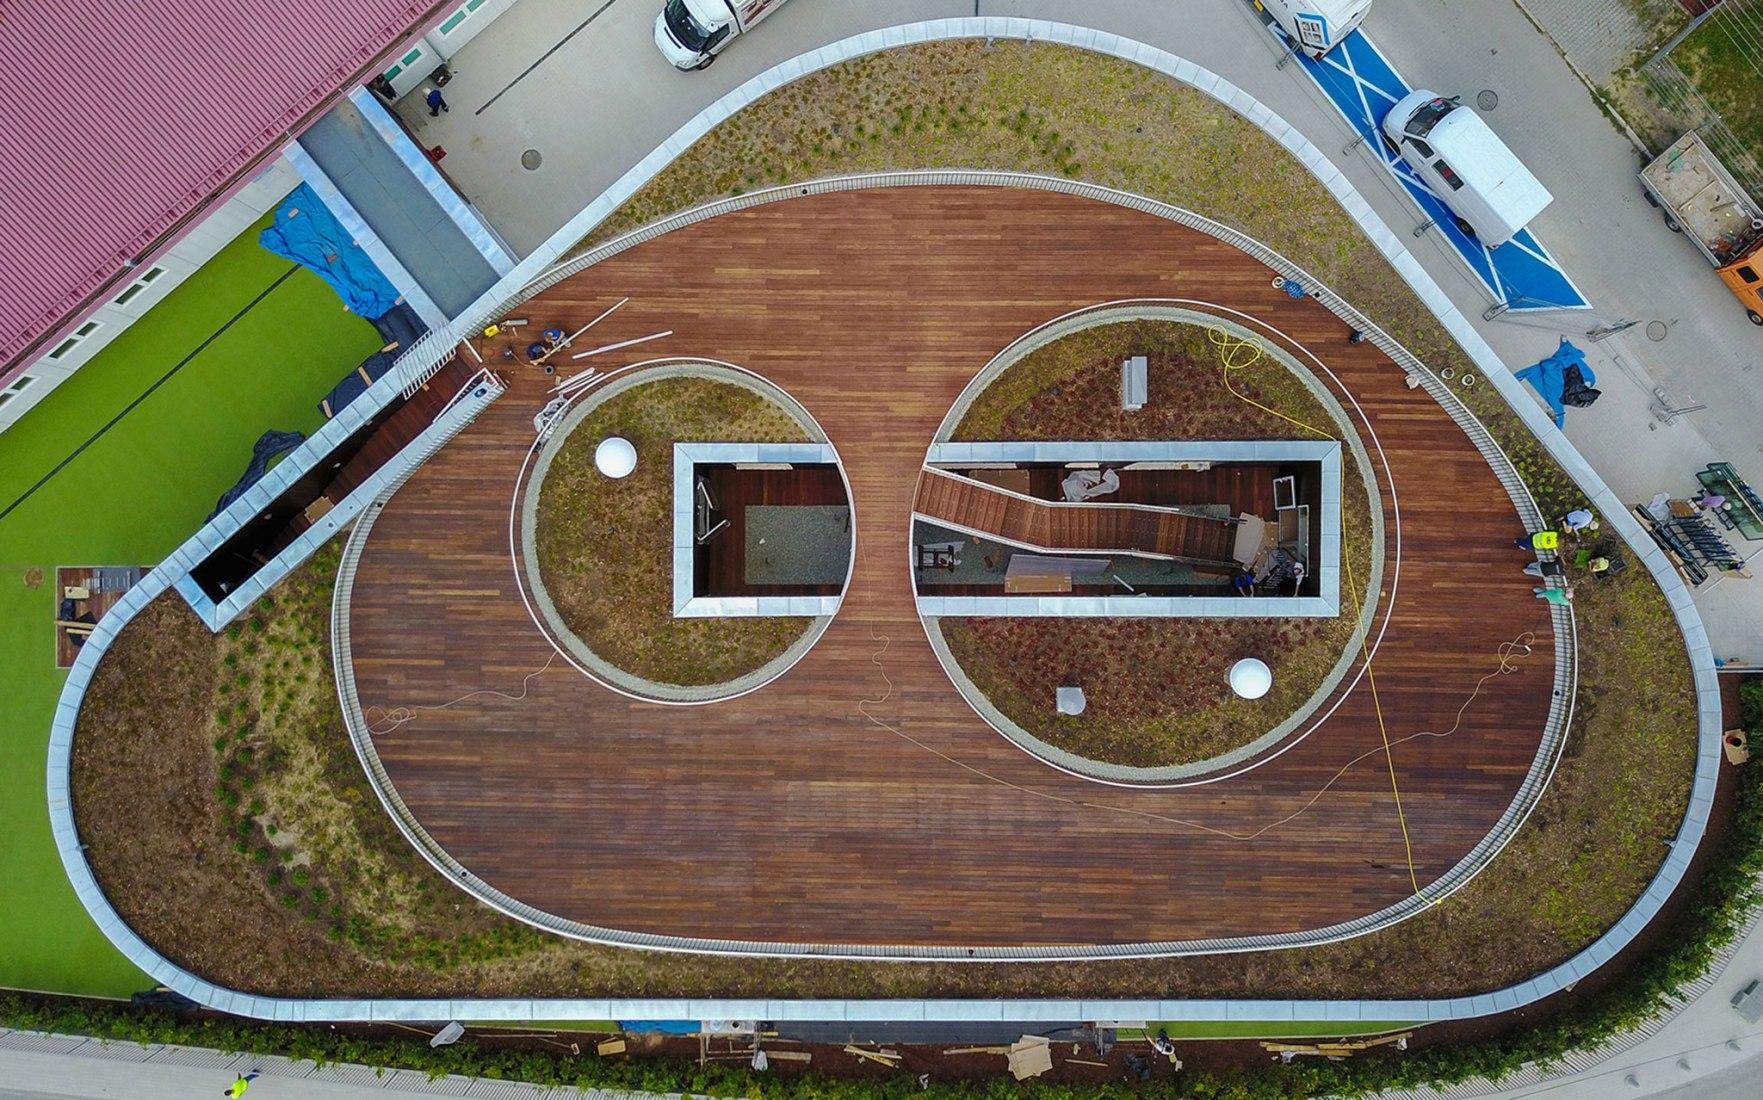 Guardería en Żory por Toprojekt. Fotografía por Wojciech Bęczarski - fotografía aérea